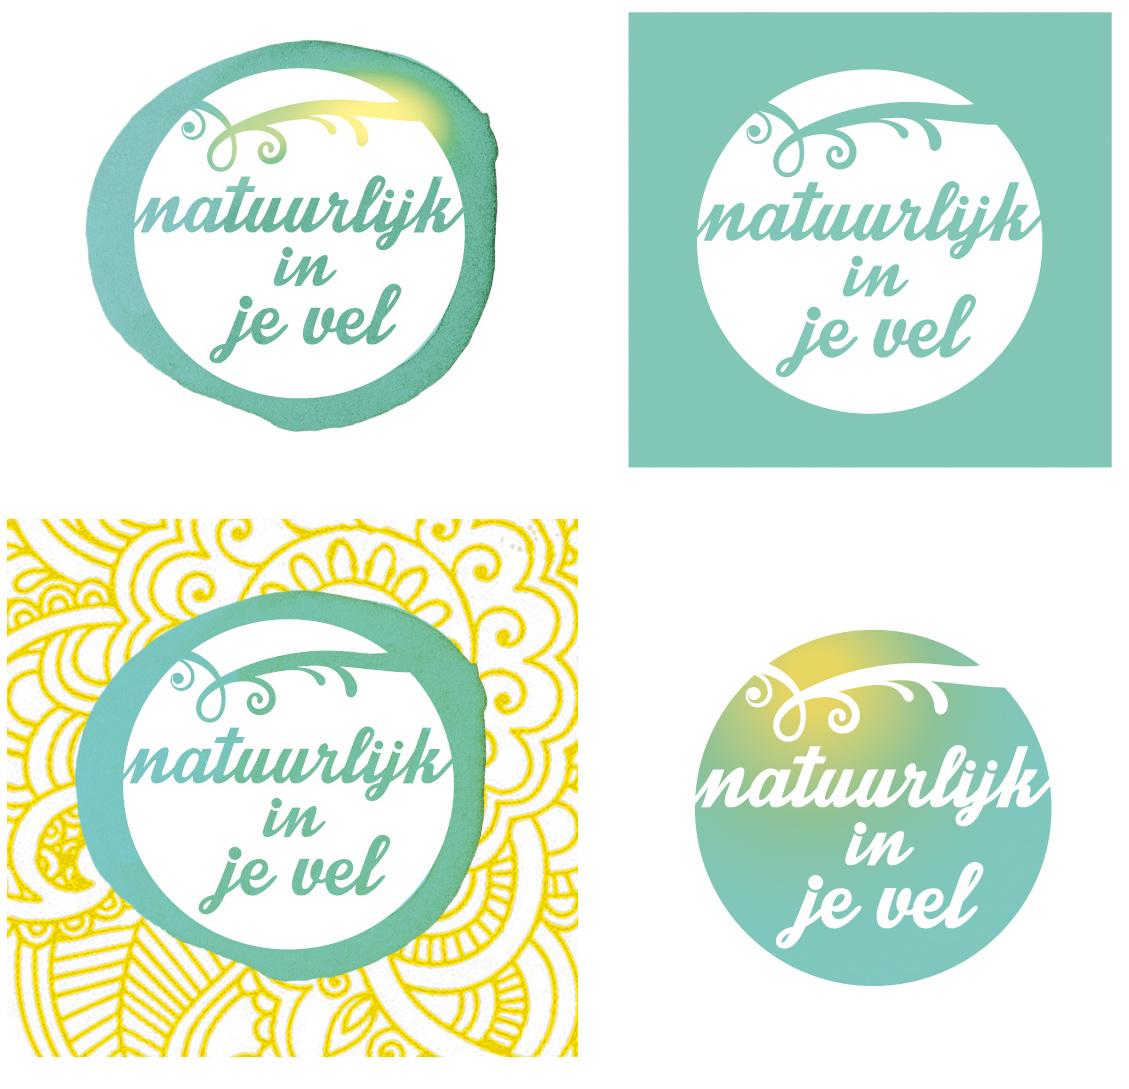 logo_natuurlijk_in_je_vel_bliq-kopie